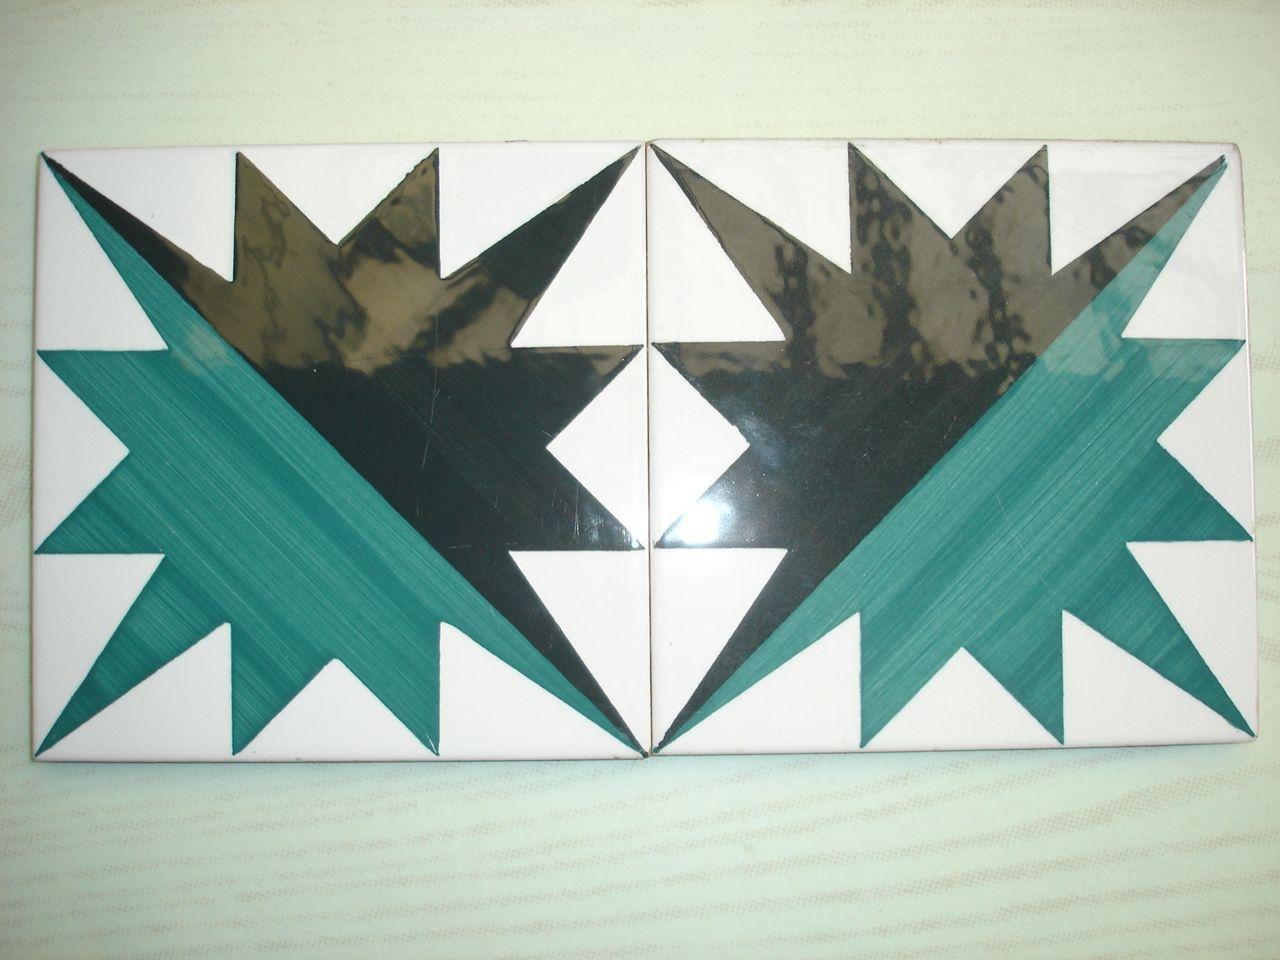 Gio ponti tiles objects accessories pinterest ponti - Piastrelle gio ponti ...